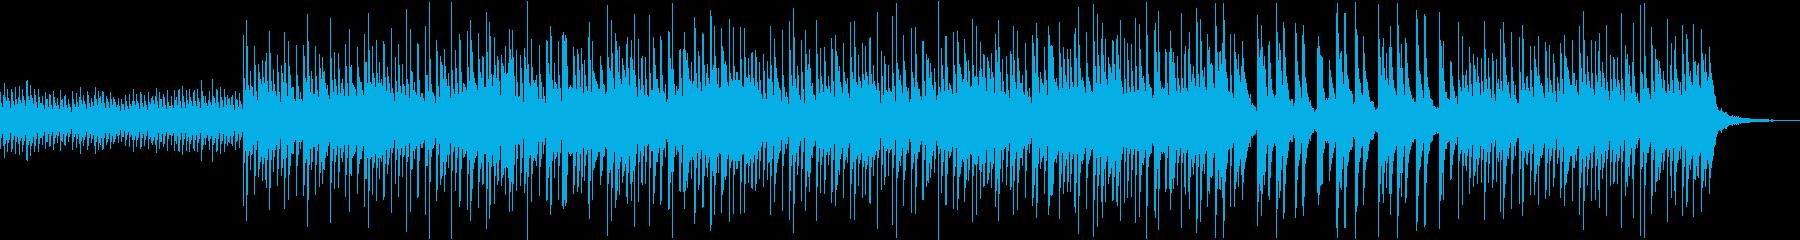 クイズ サイエンス 不思議なマリンバの再生済みの波形